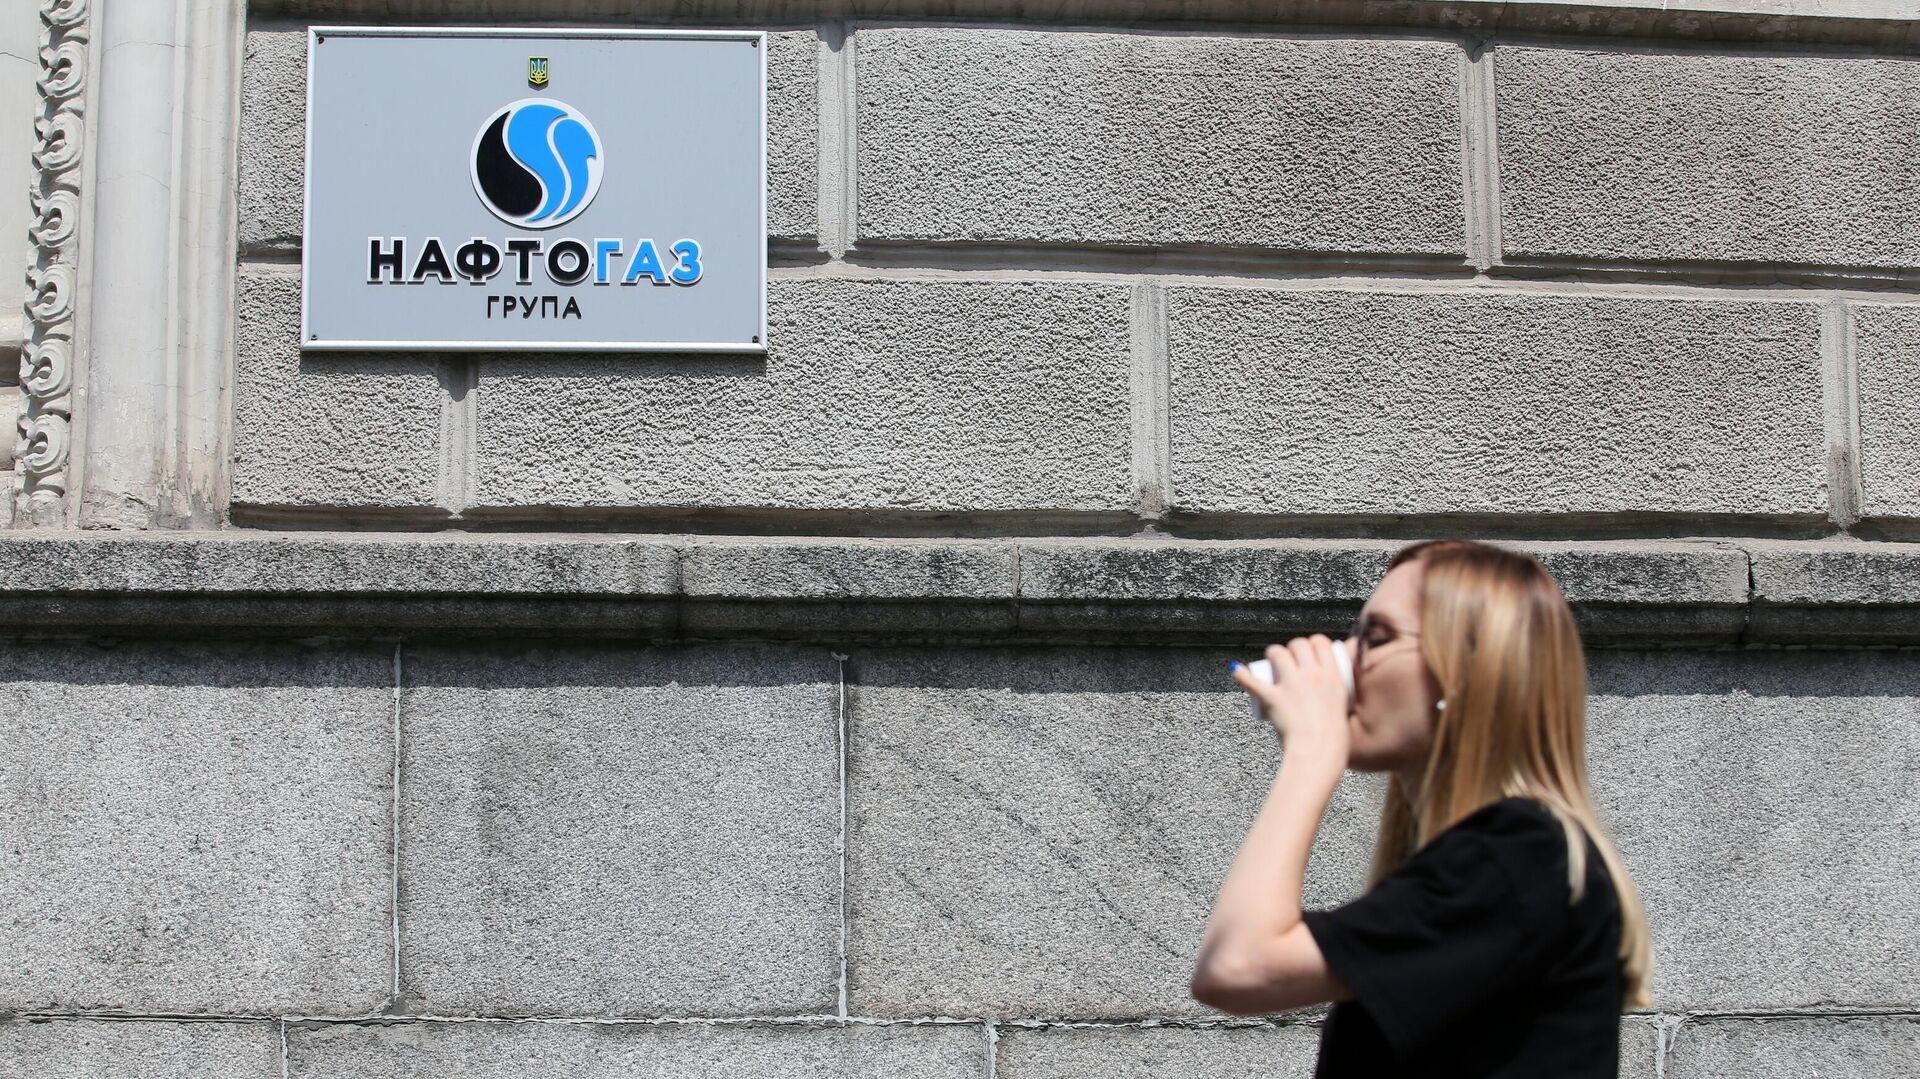 Здание национальной акционерной компании Нафтогаз-Украины.  - Sputnik Грузия, 1920, 29.09.2021